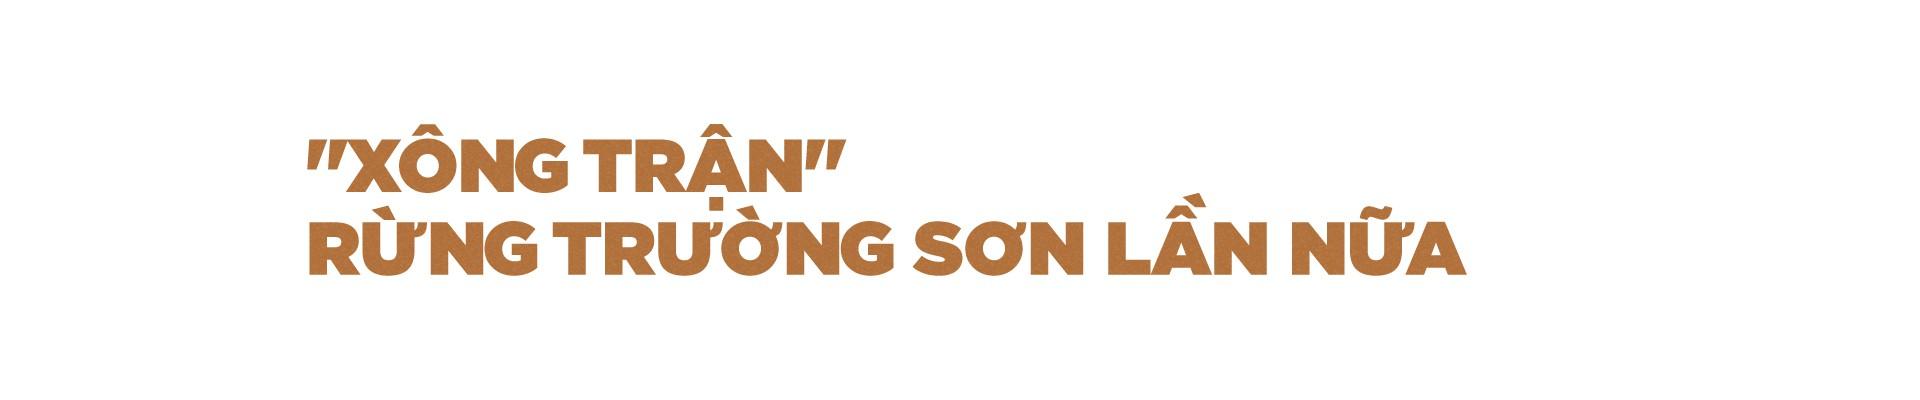 Vĩnh biệt vị tướng già huyền thoại - Đồng Sỹ Nguyên - Ảnh 11.